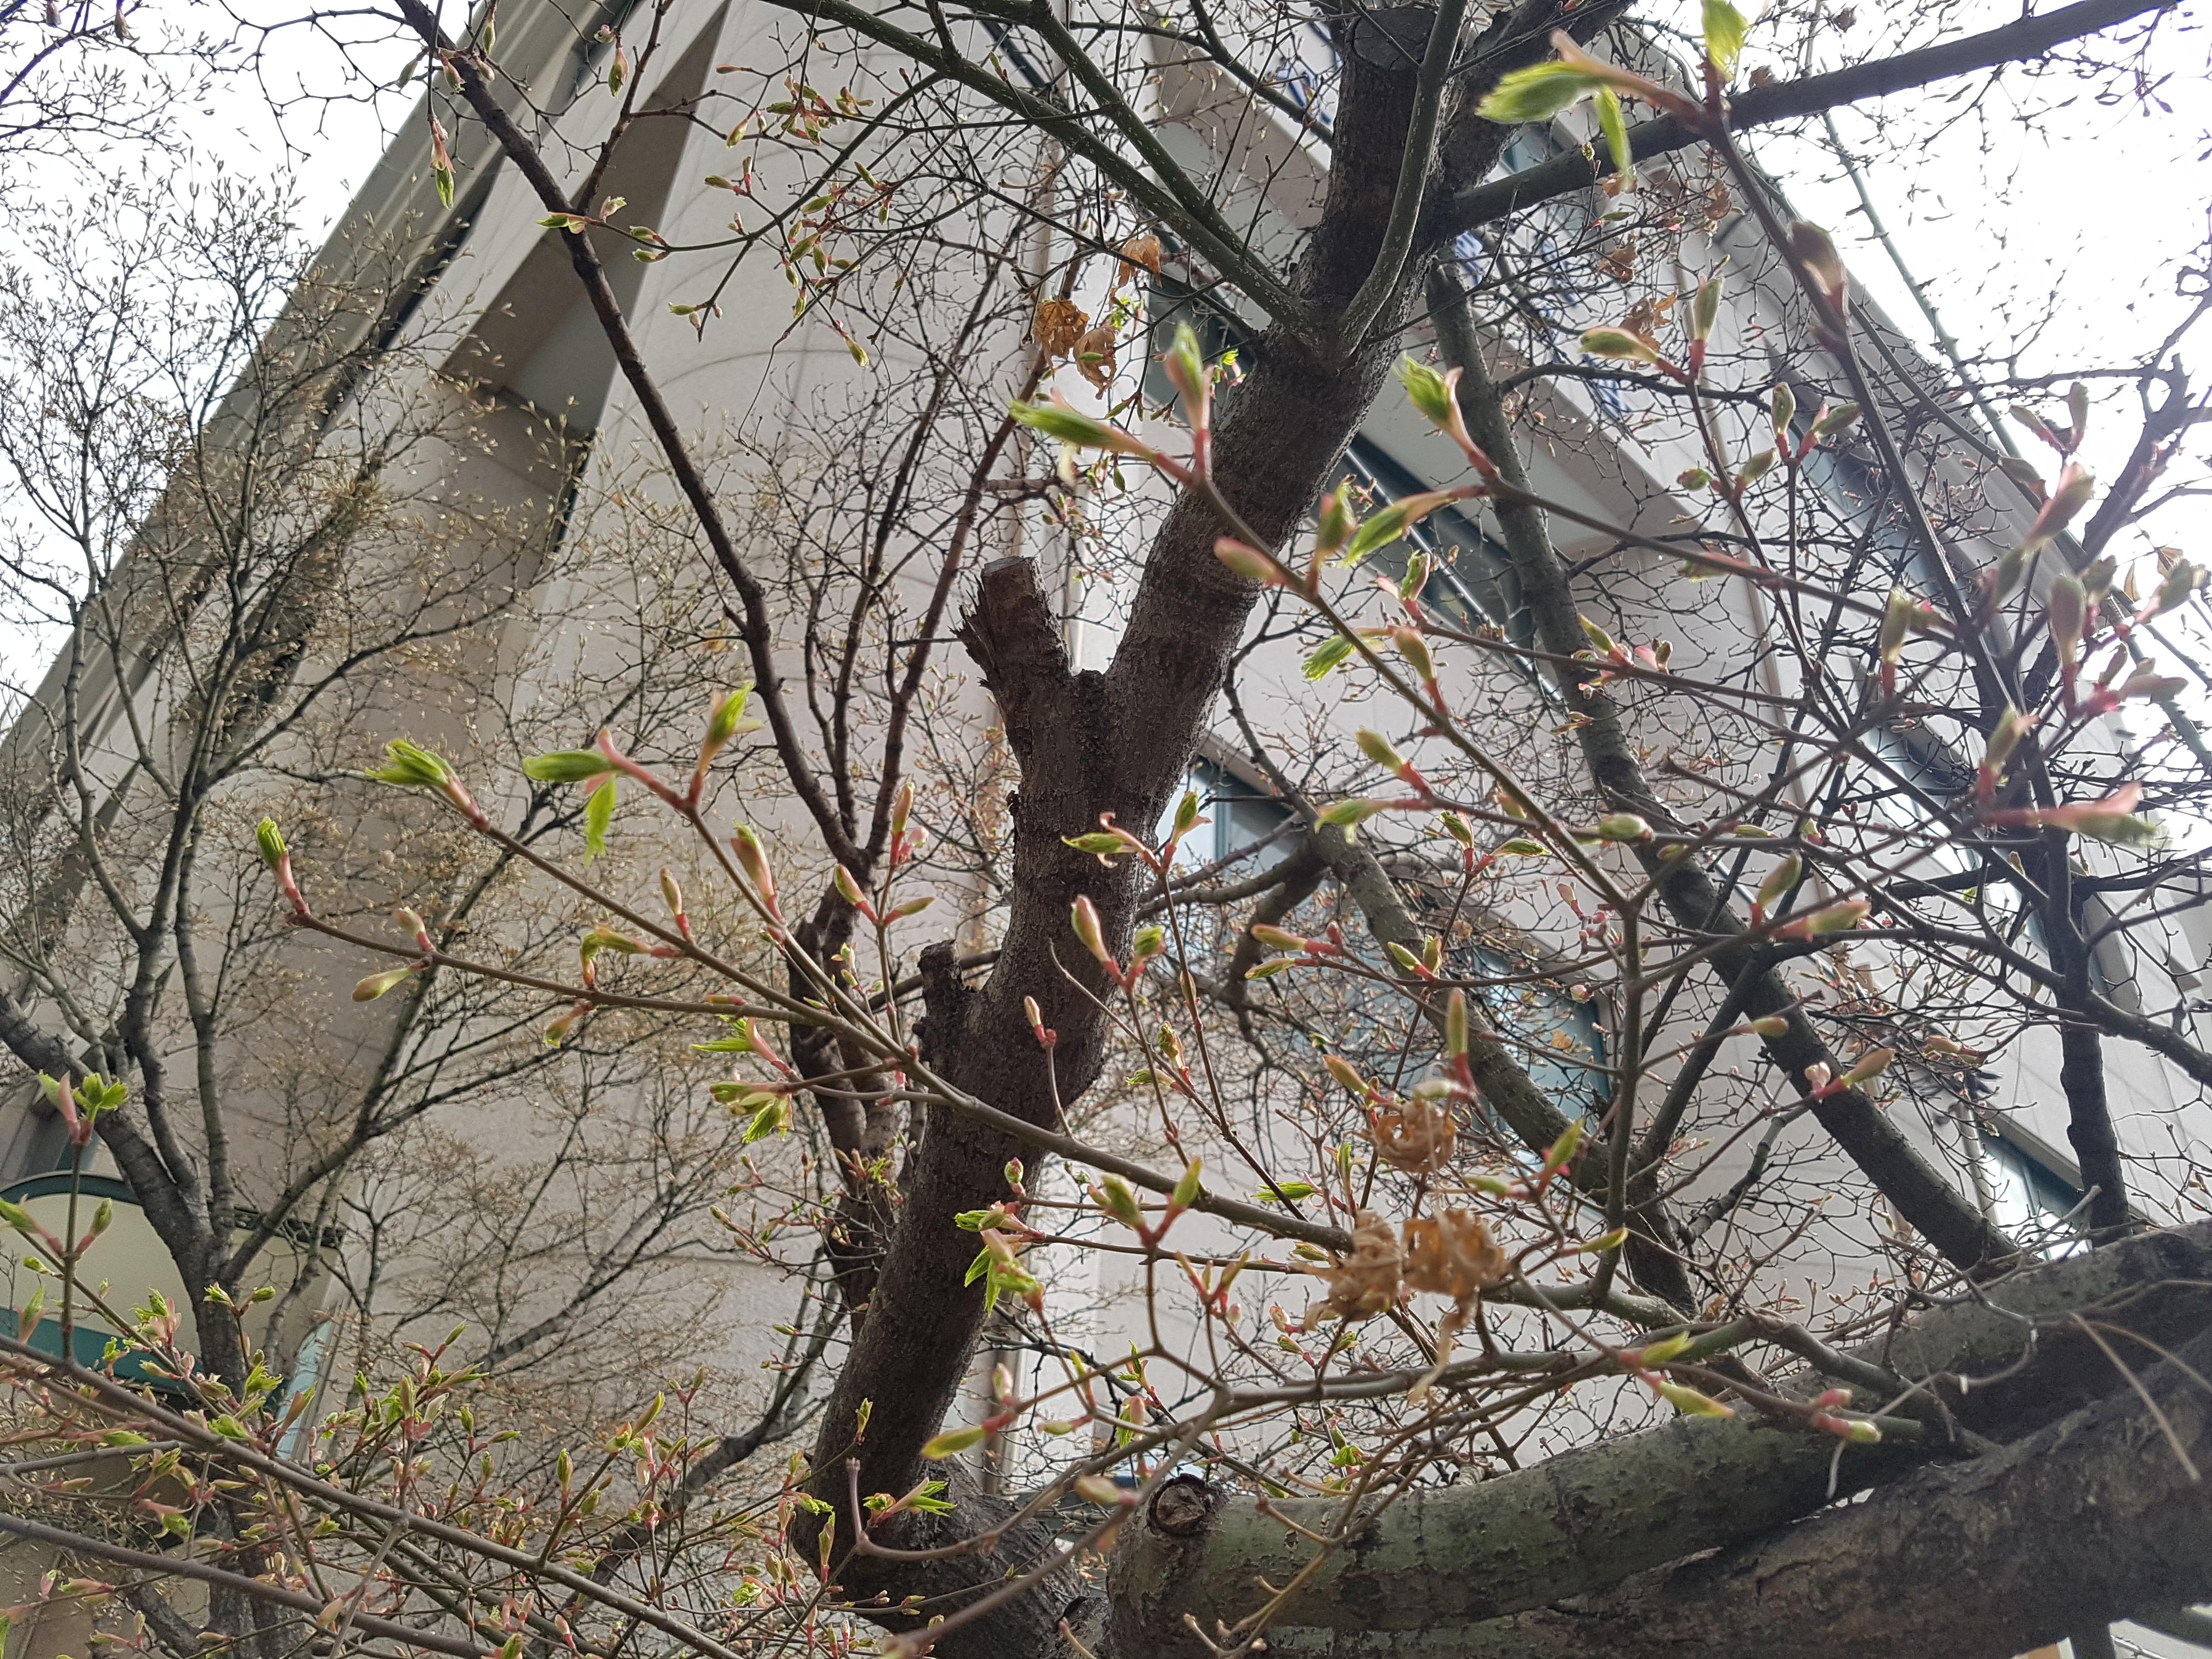 나뭇가지에 움튼 새싹을 발견, 황사와 미세먼지 신경쓰느라 봄이 이렇게 가까이 왔는지도 몰랐네.